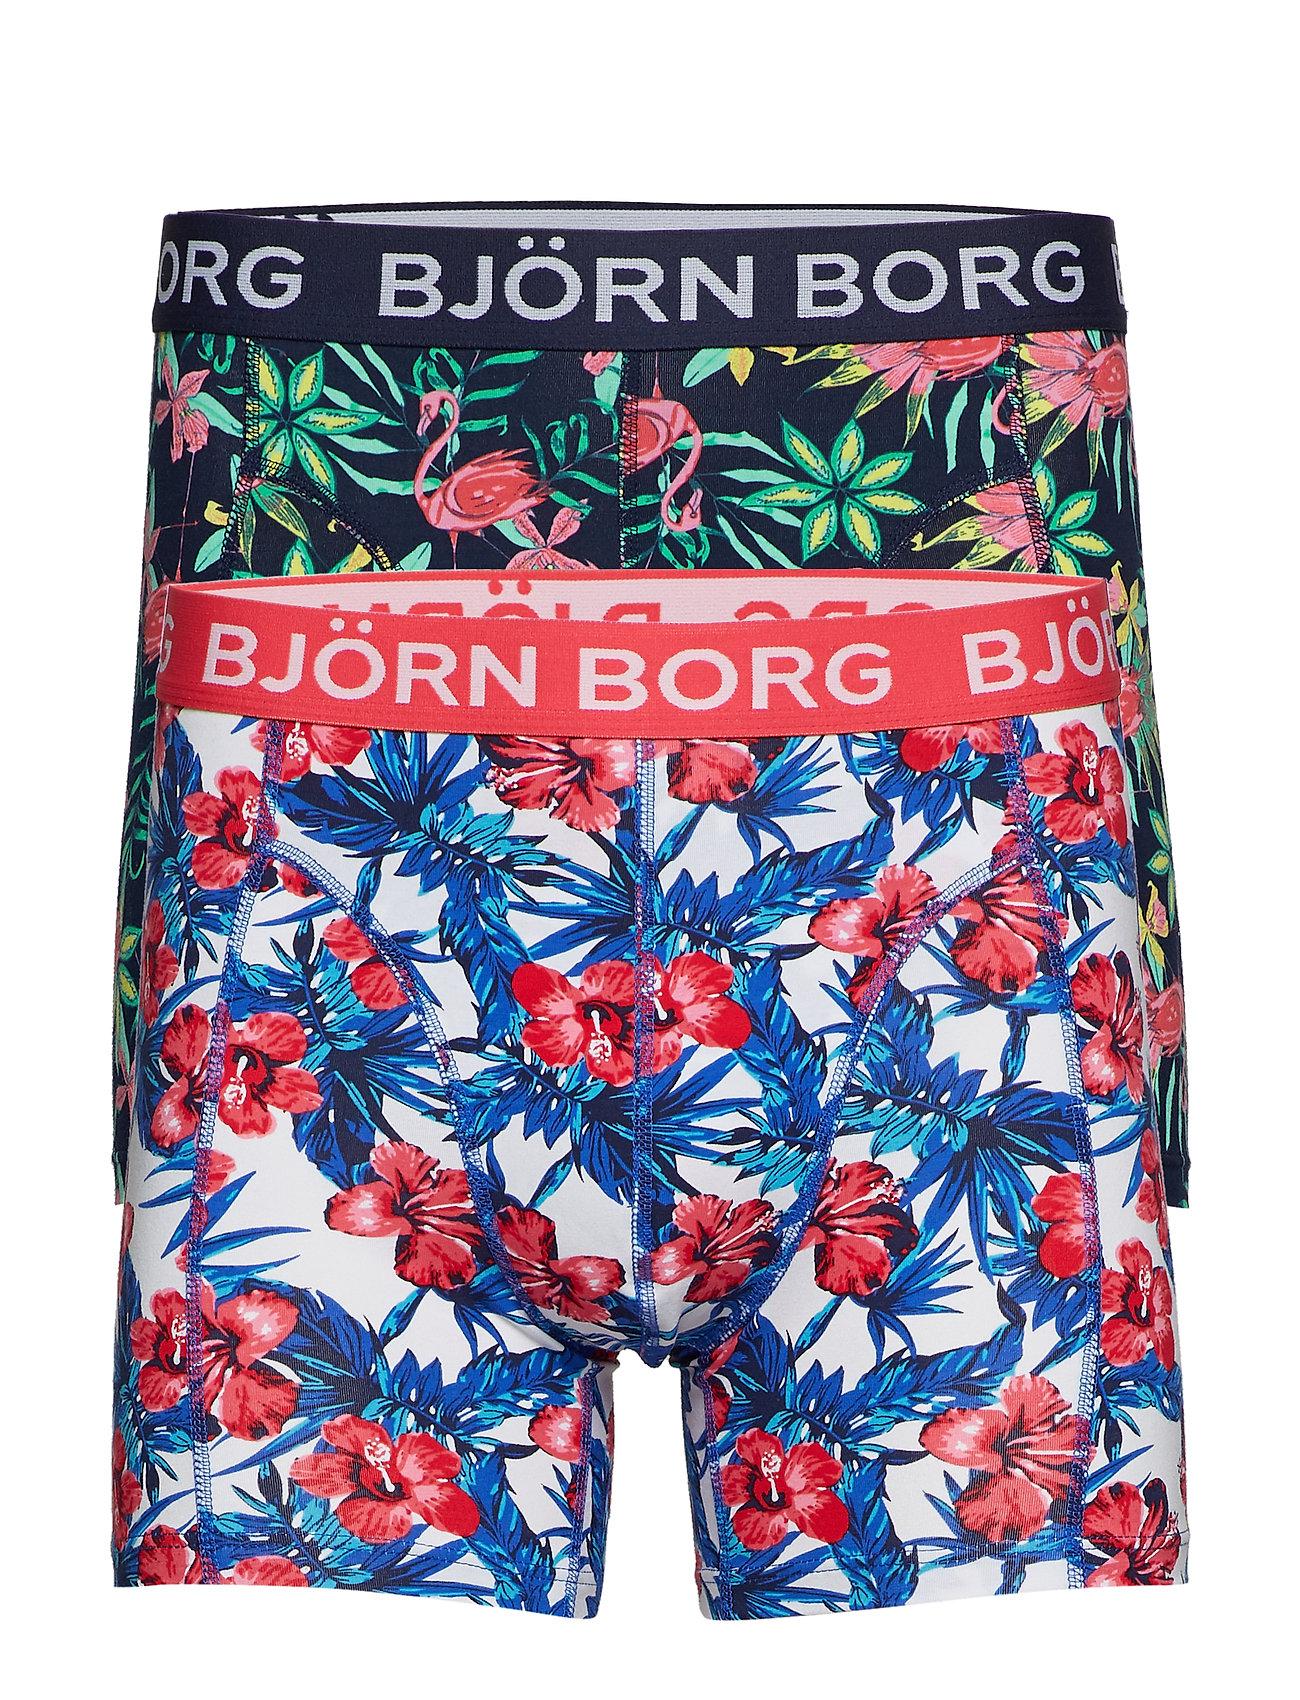 Exoticamp; Bb Shorts Flower 2ppeacoatBjörn Borg vnN08wOm